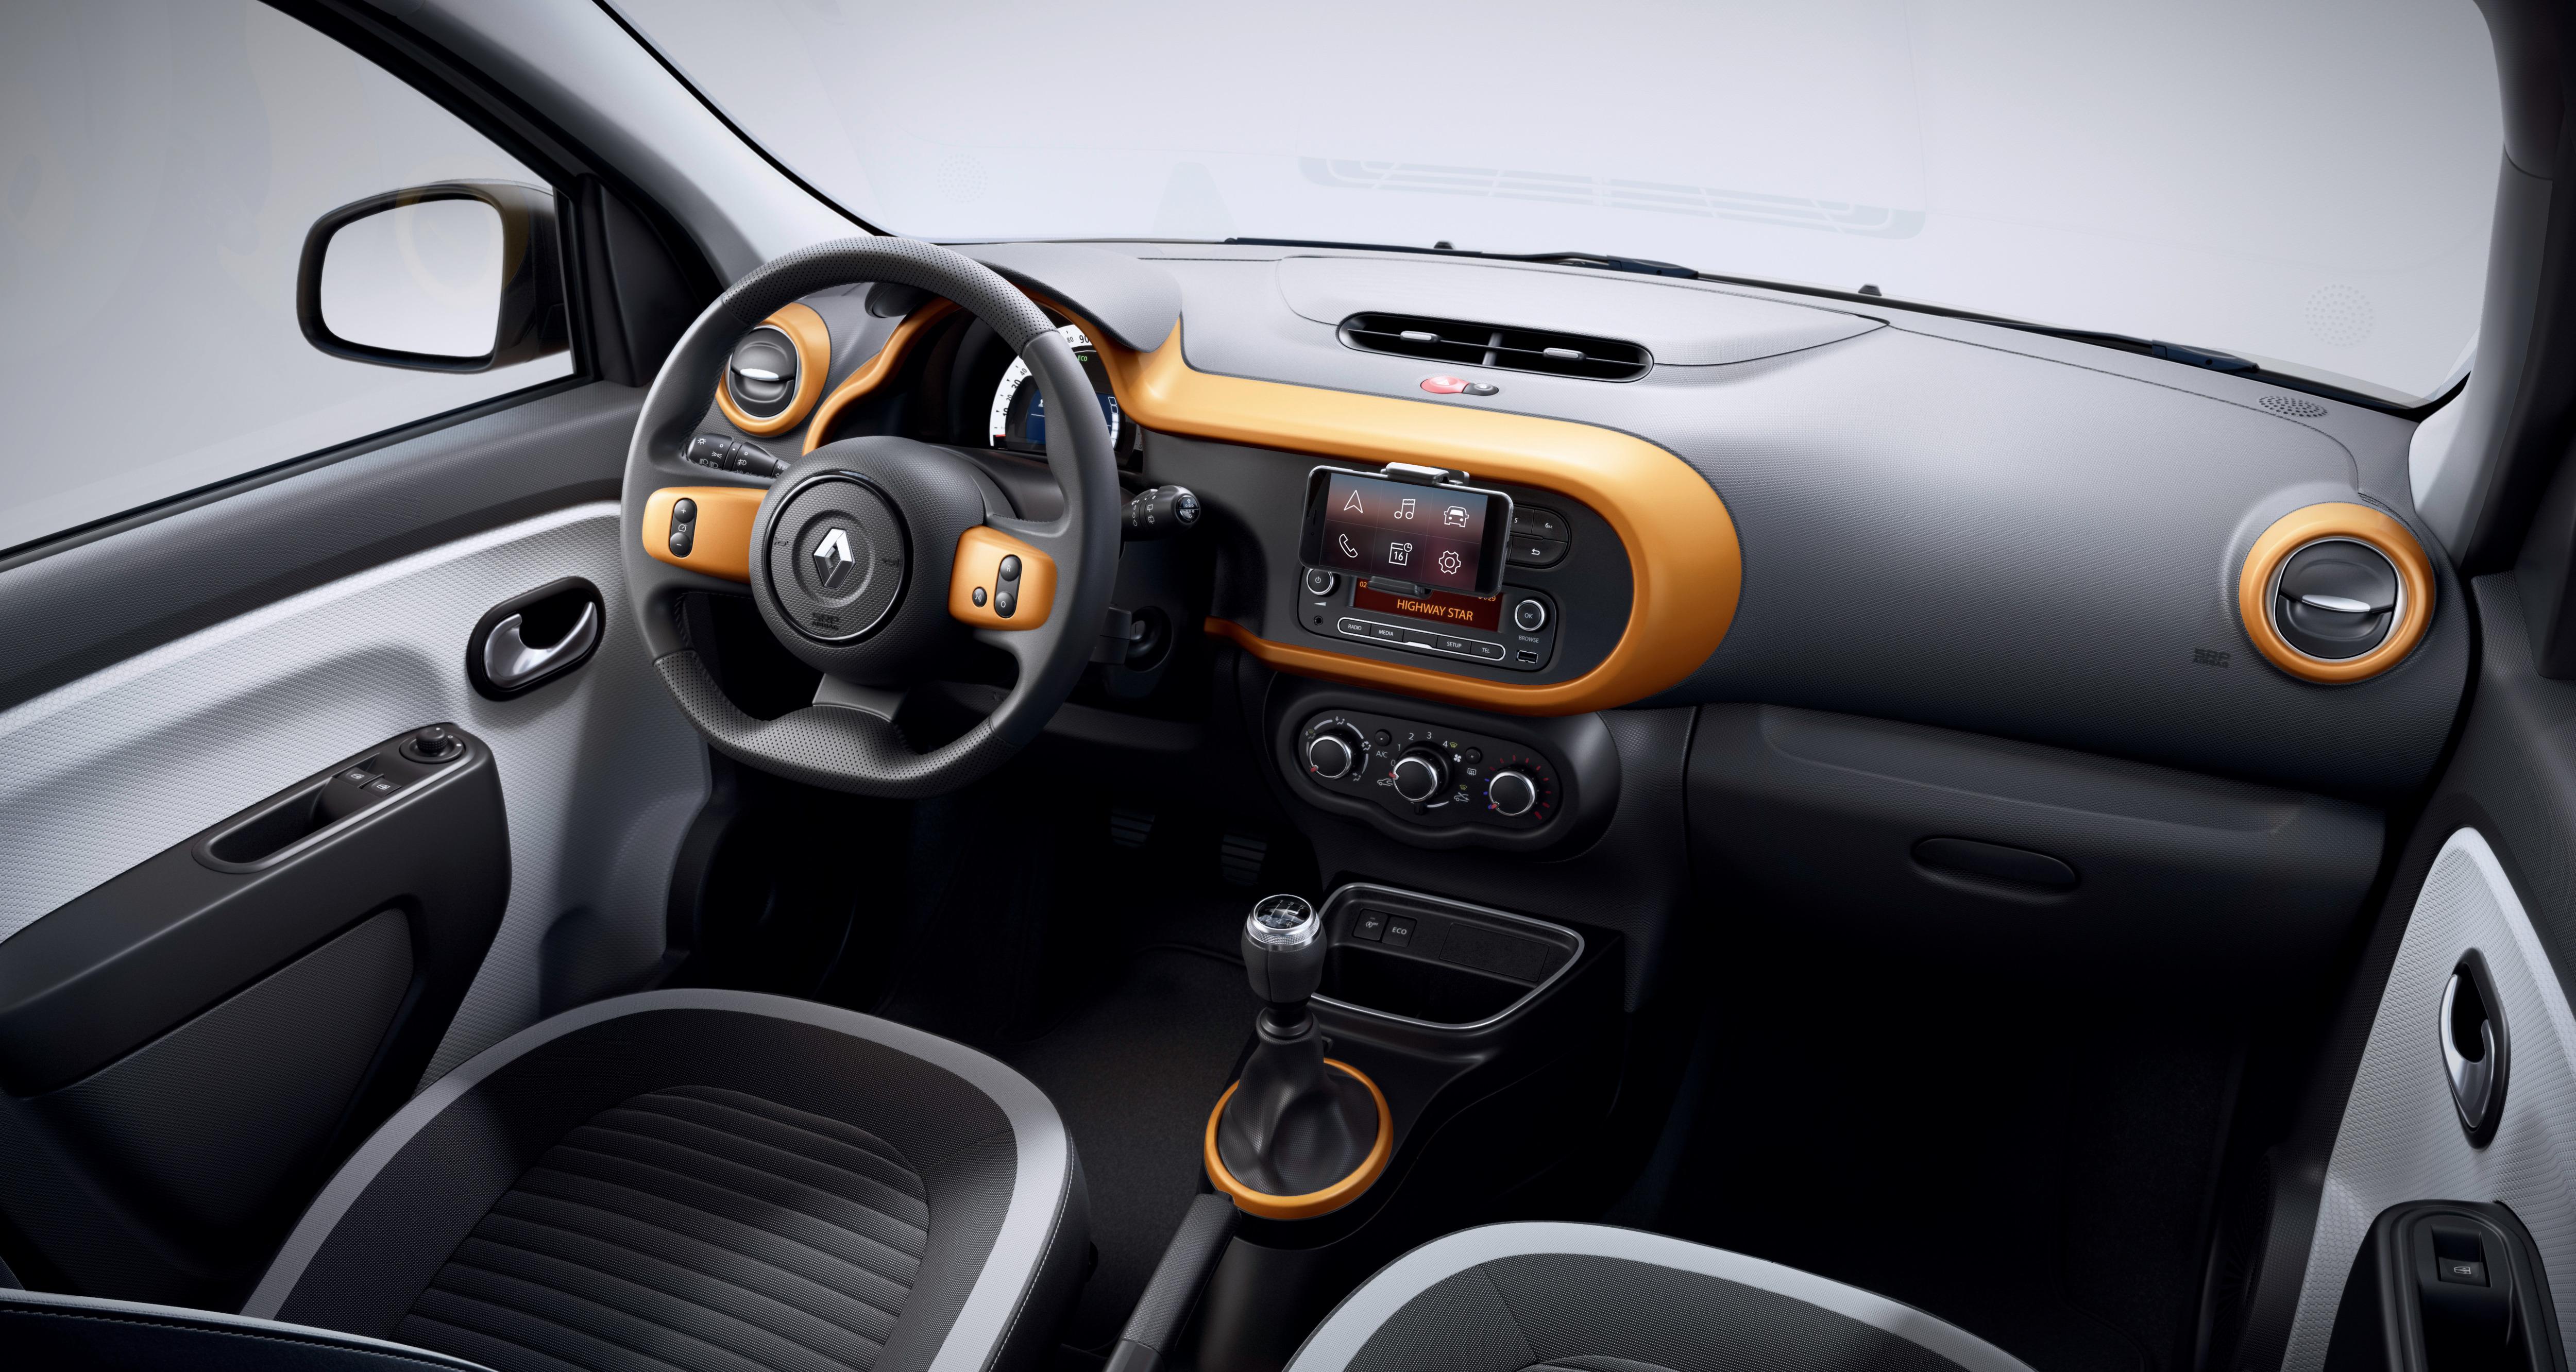 Dekorelemente Interieur (Luftauslässe, Einsatz am Lenkrad und Umrandung des Amaturenbretts) mango